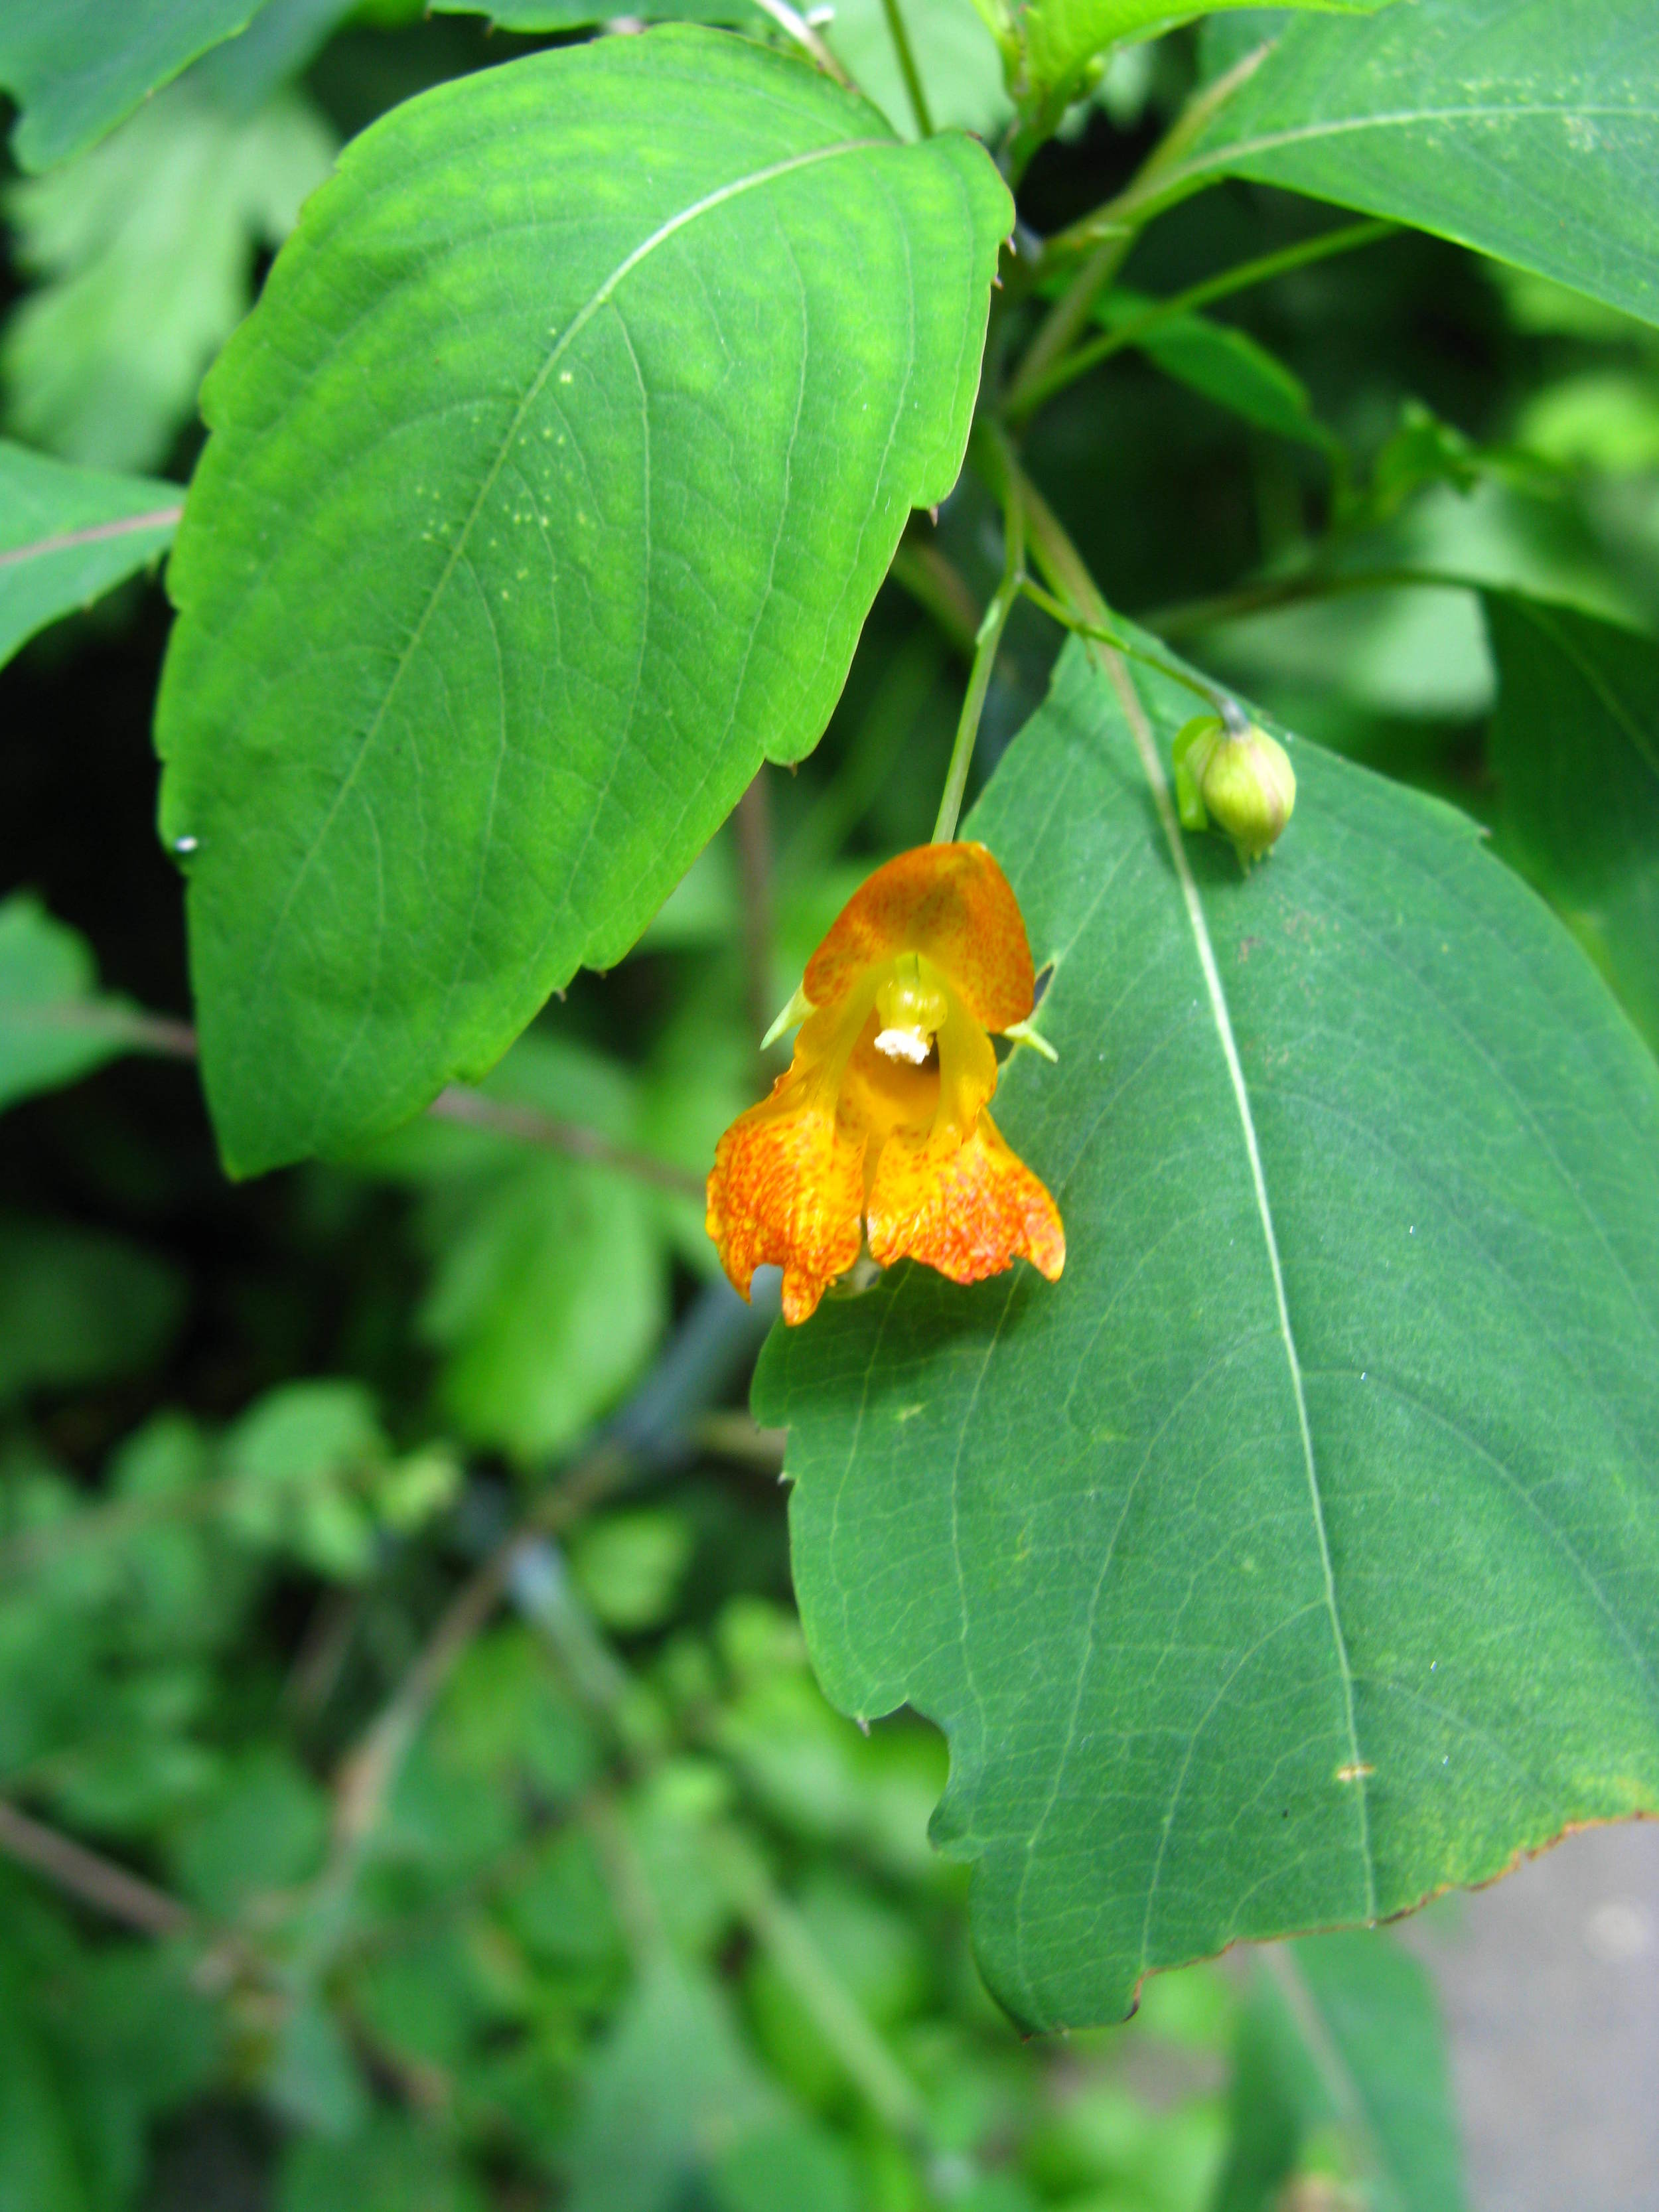 Impatiens capensis Balsaminaceae